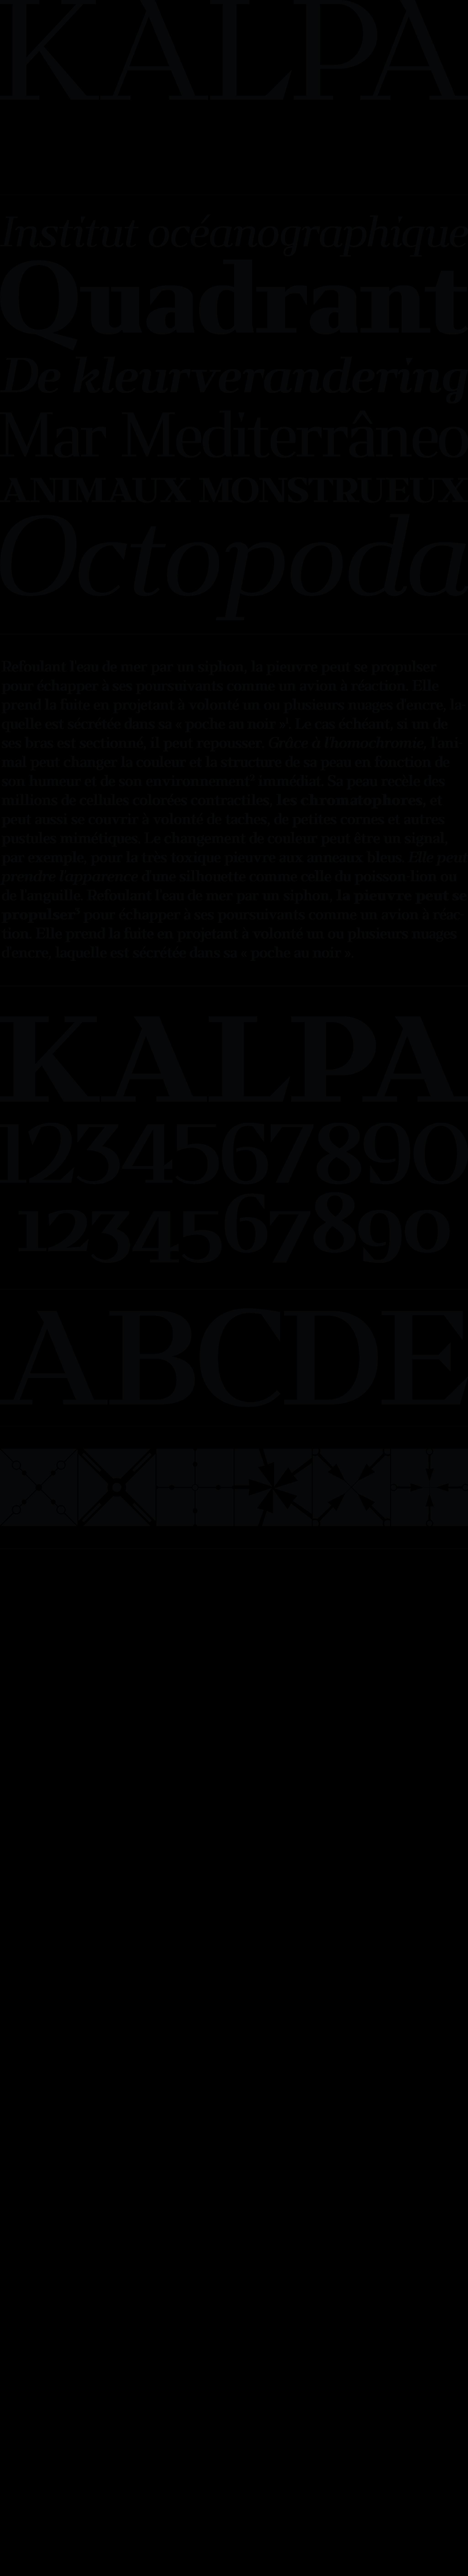 Kalpa_8-billboard